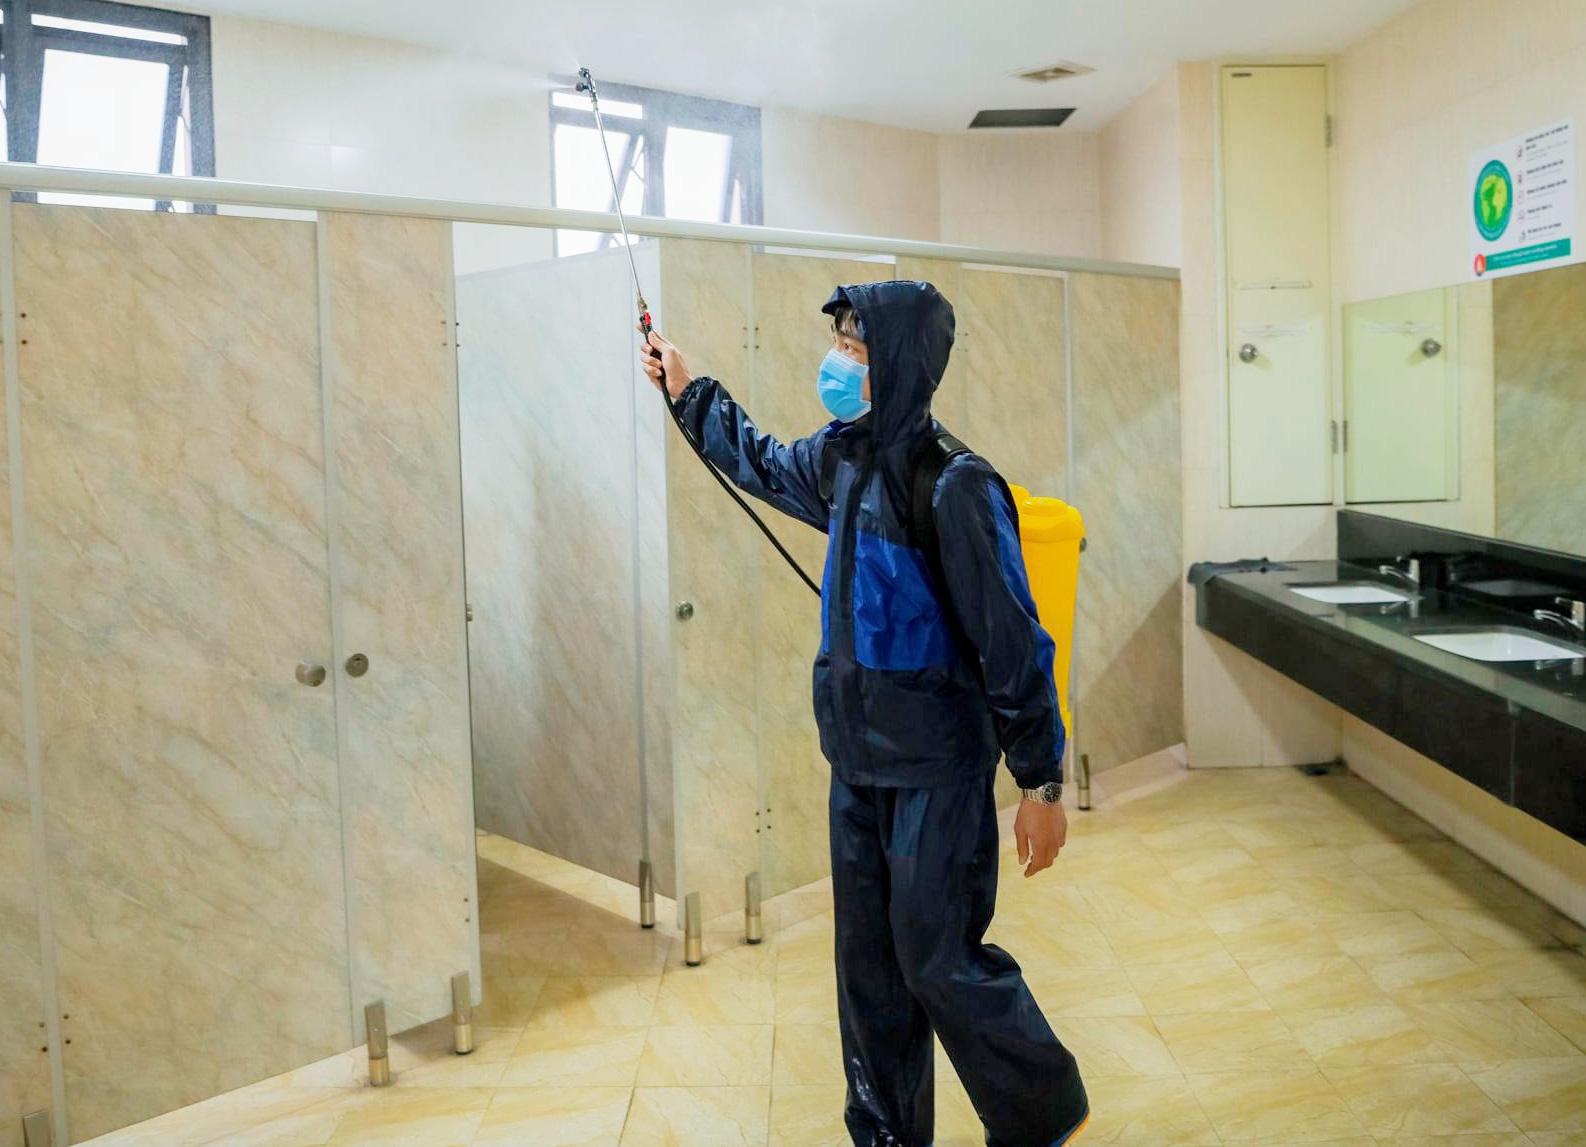 Trường học Hà Nội thần tốc tổng vệ sinh, phun khử trùng trước ngày đón 2 triệu học sinh - Ảnh 8.